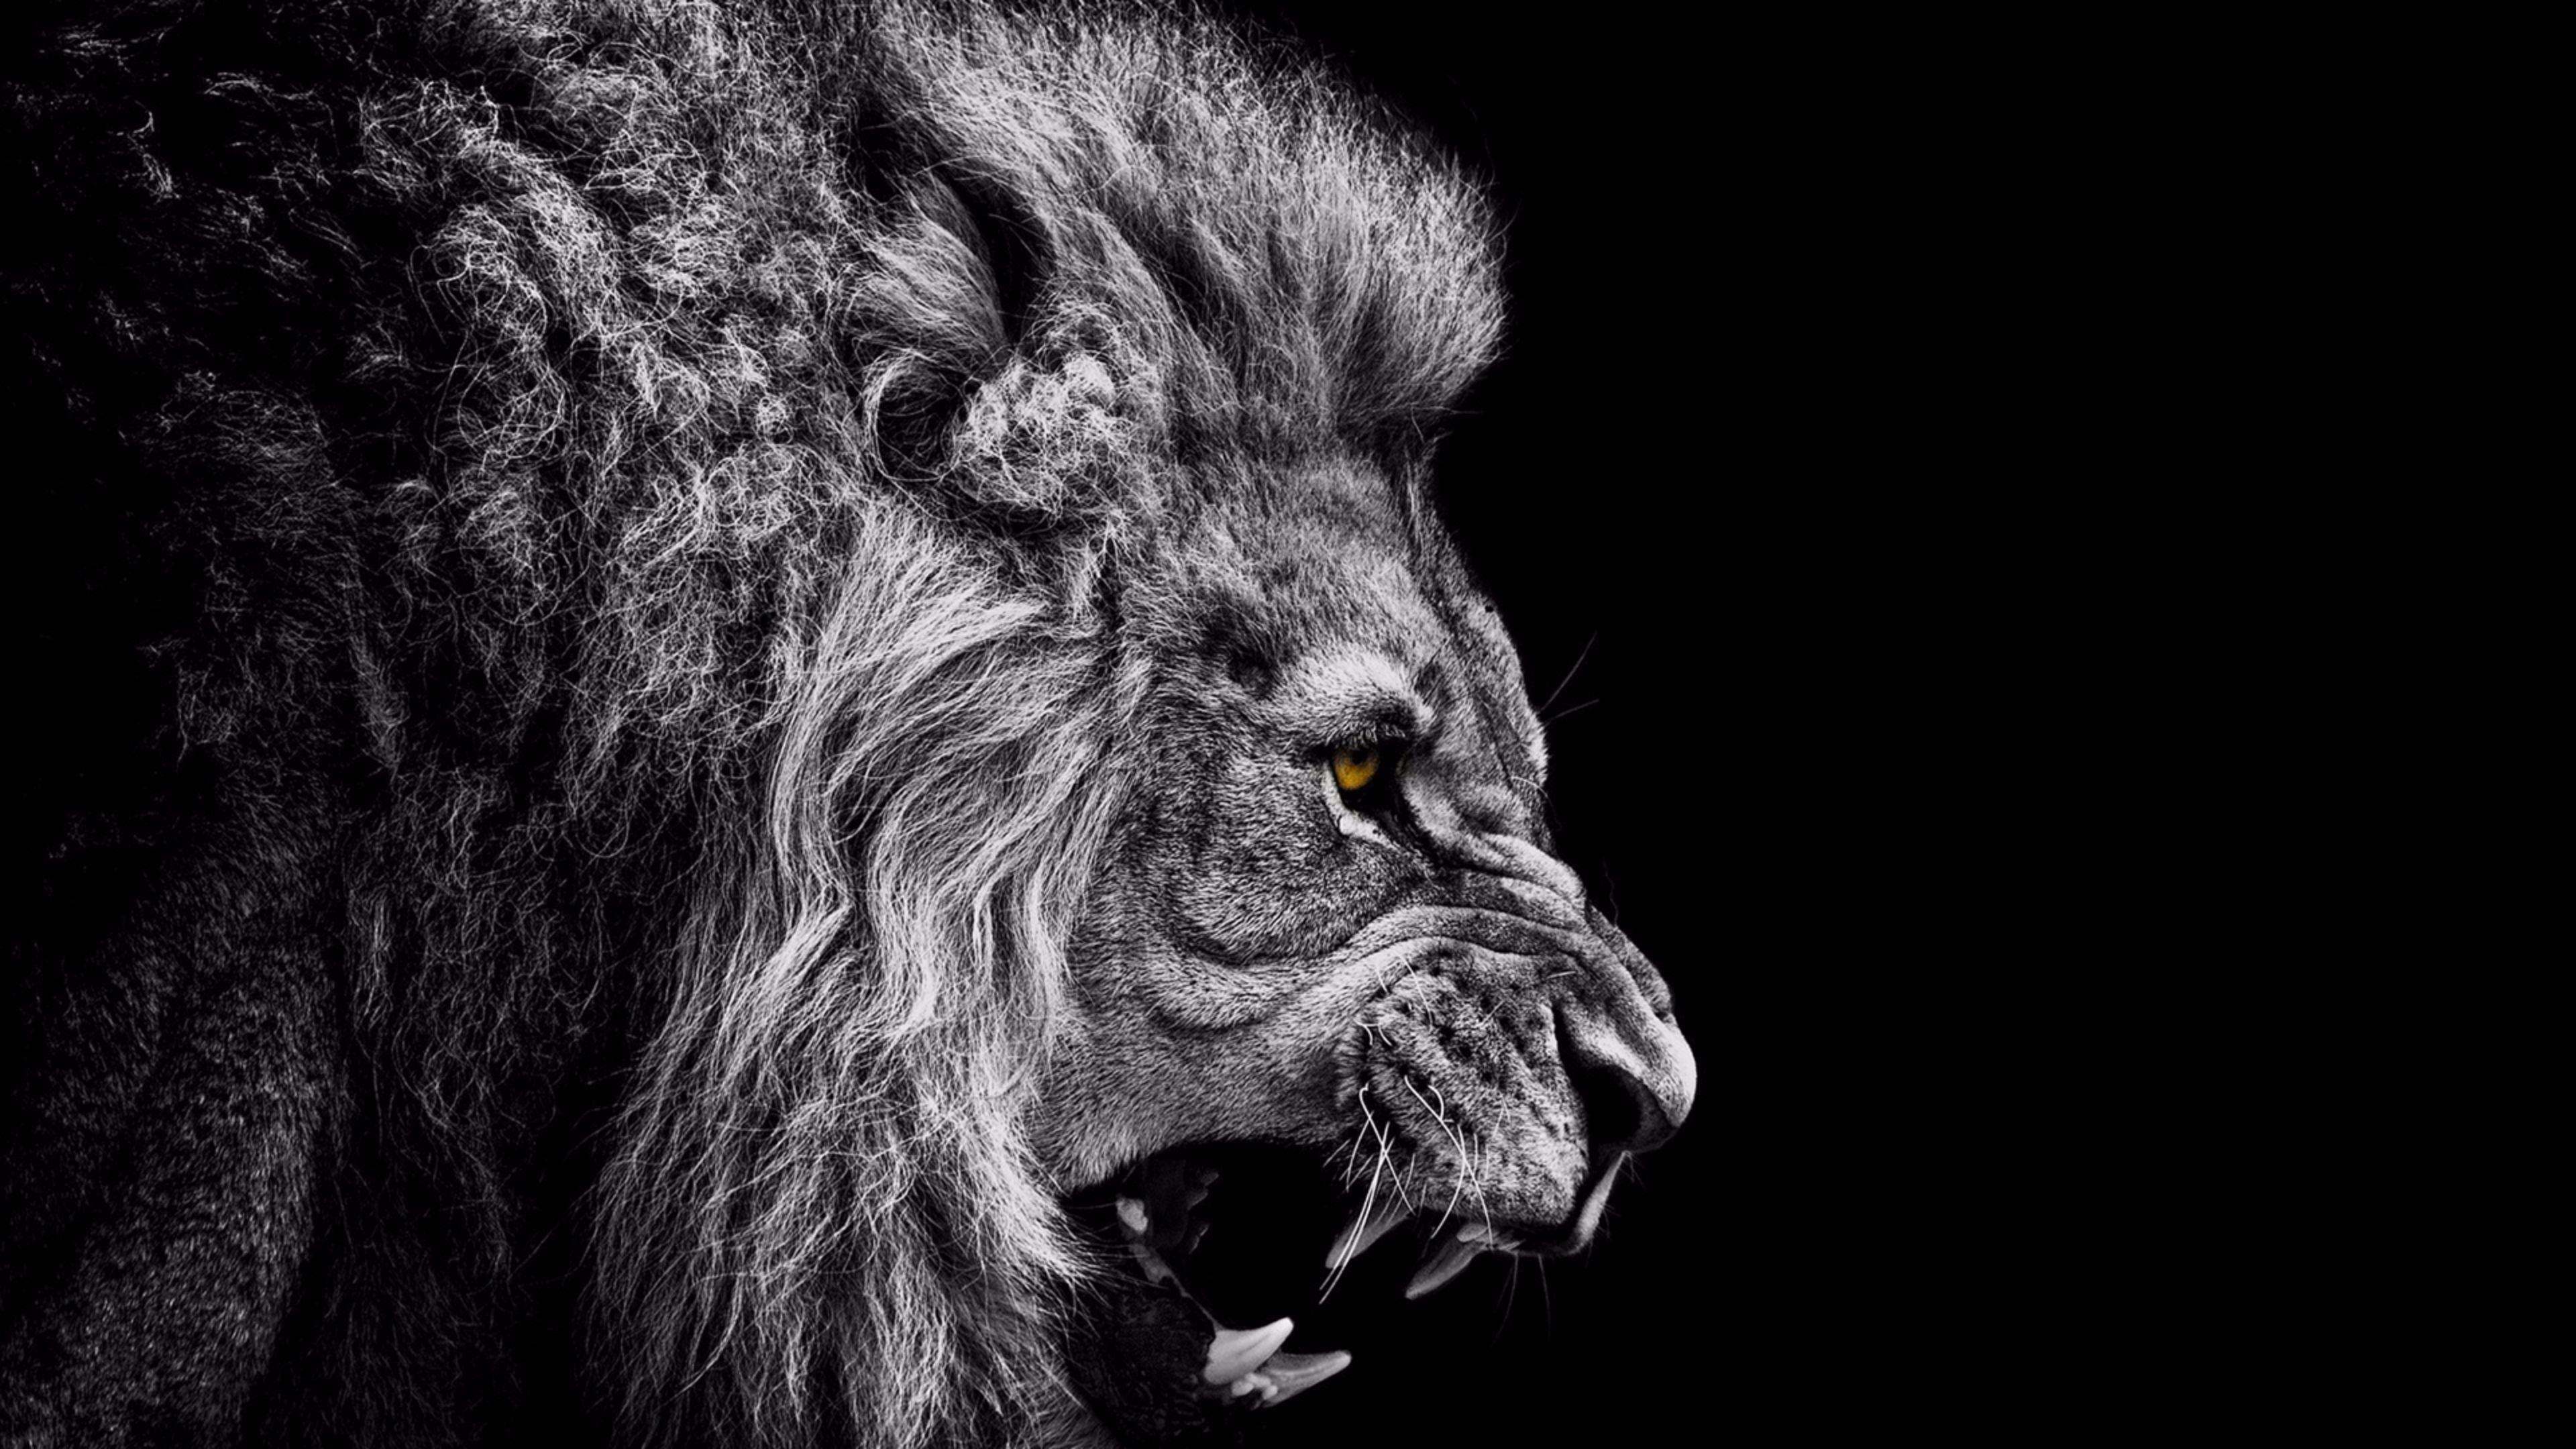 3840x2160 Black And White Lion 4k Wallpaper Free 4k